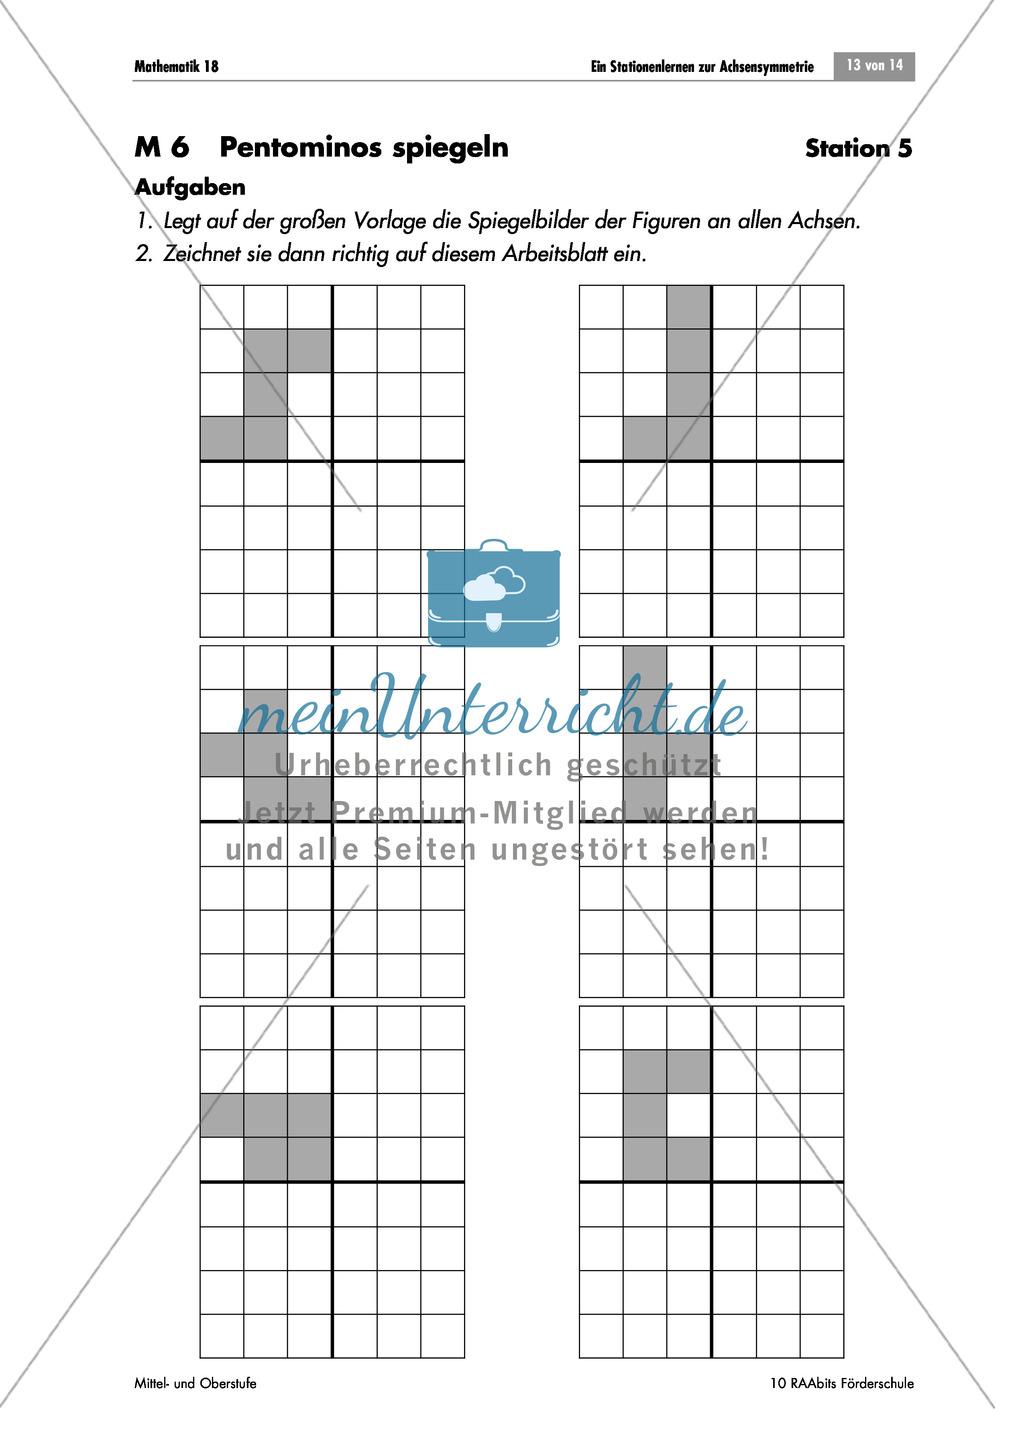 Arbeitsblatt Layout Erstellen : Großartig erstellen mathe arbeitsblatt ideen super